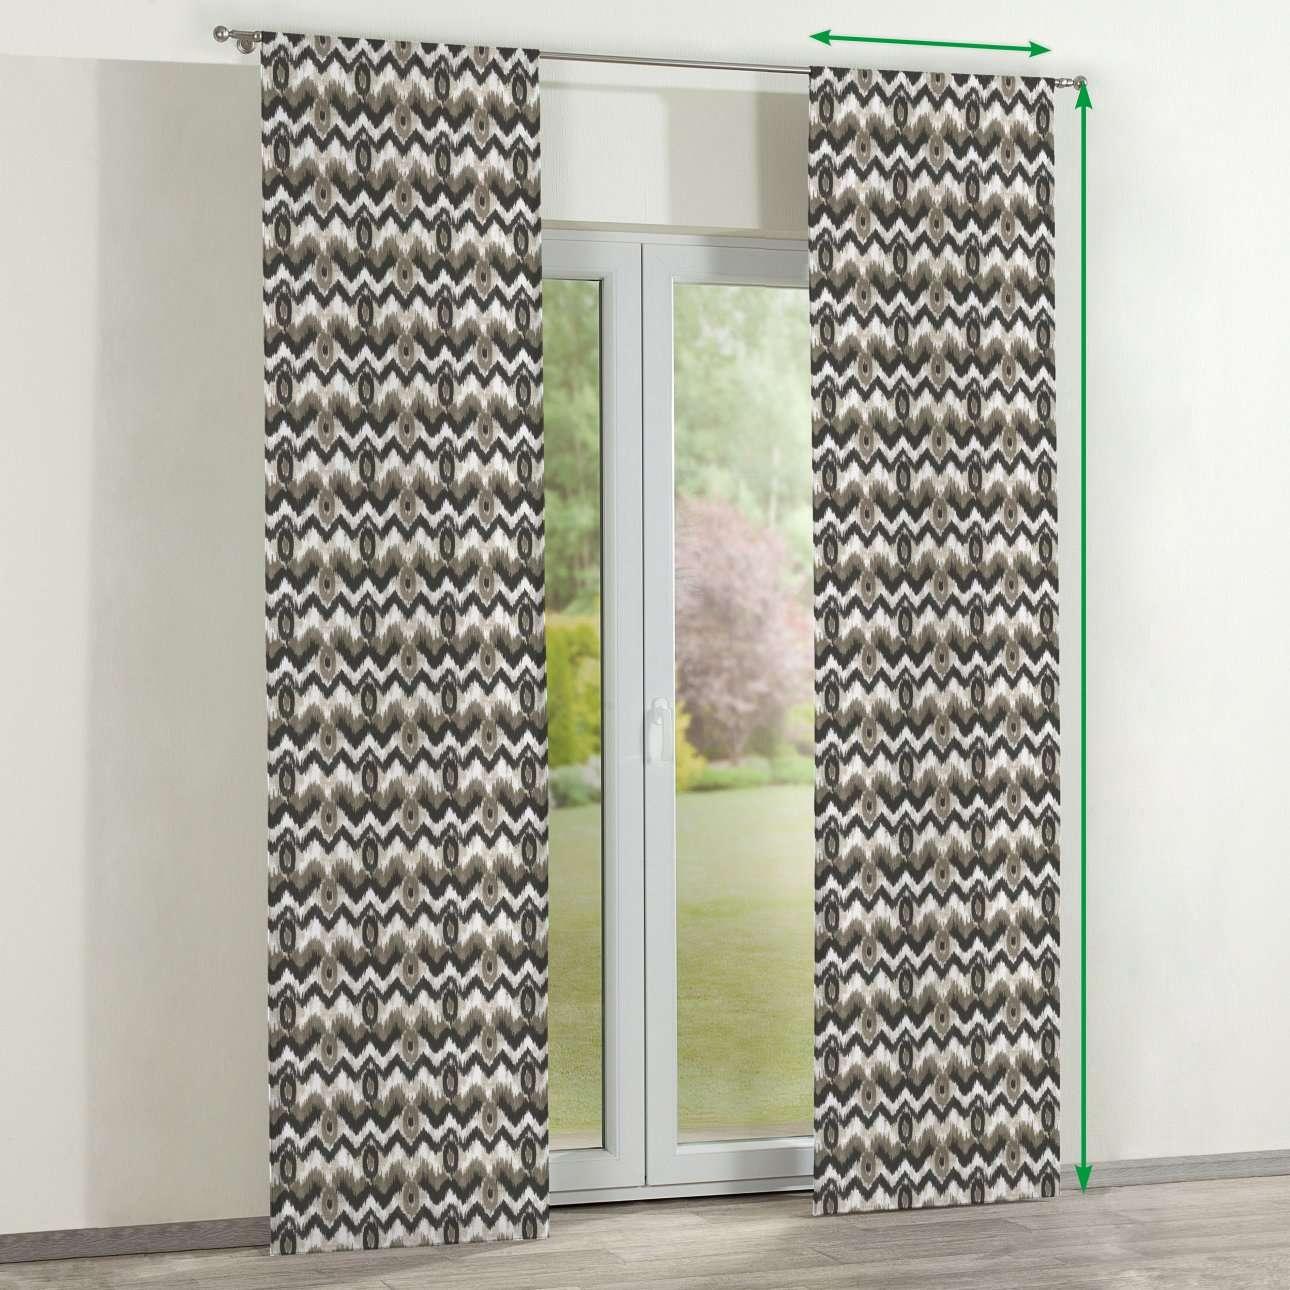 Zasłony panelowe 2 szt. w kolekcji Modern, tkanina: 141-88